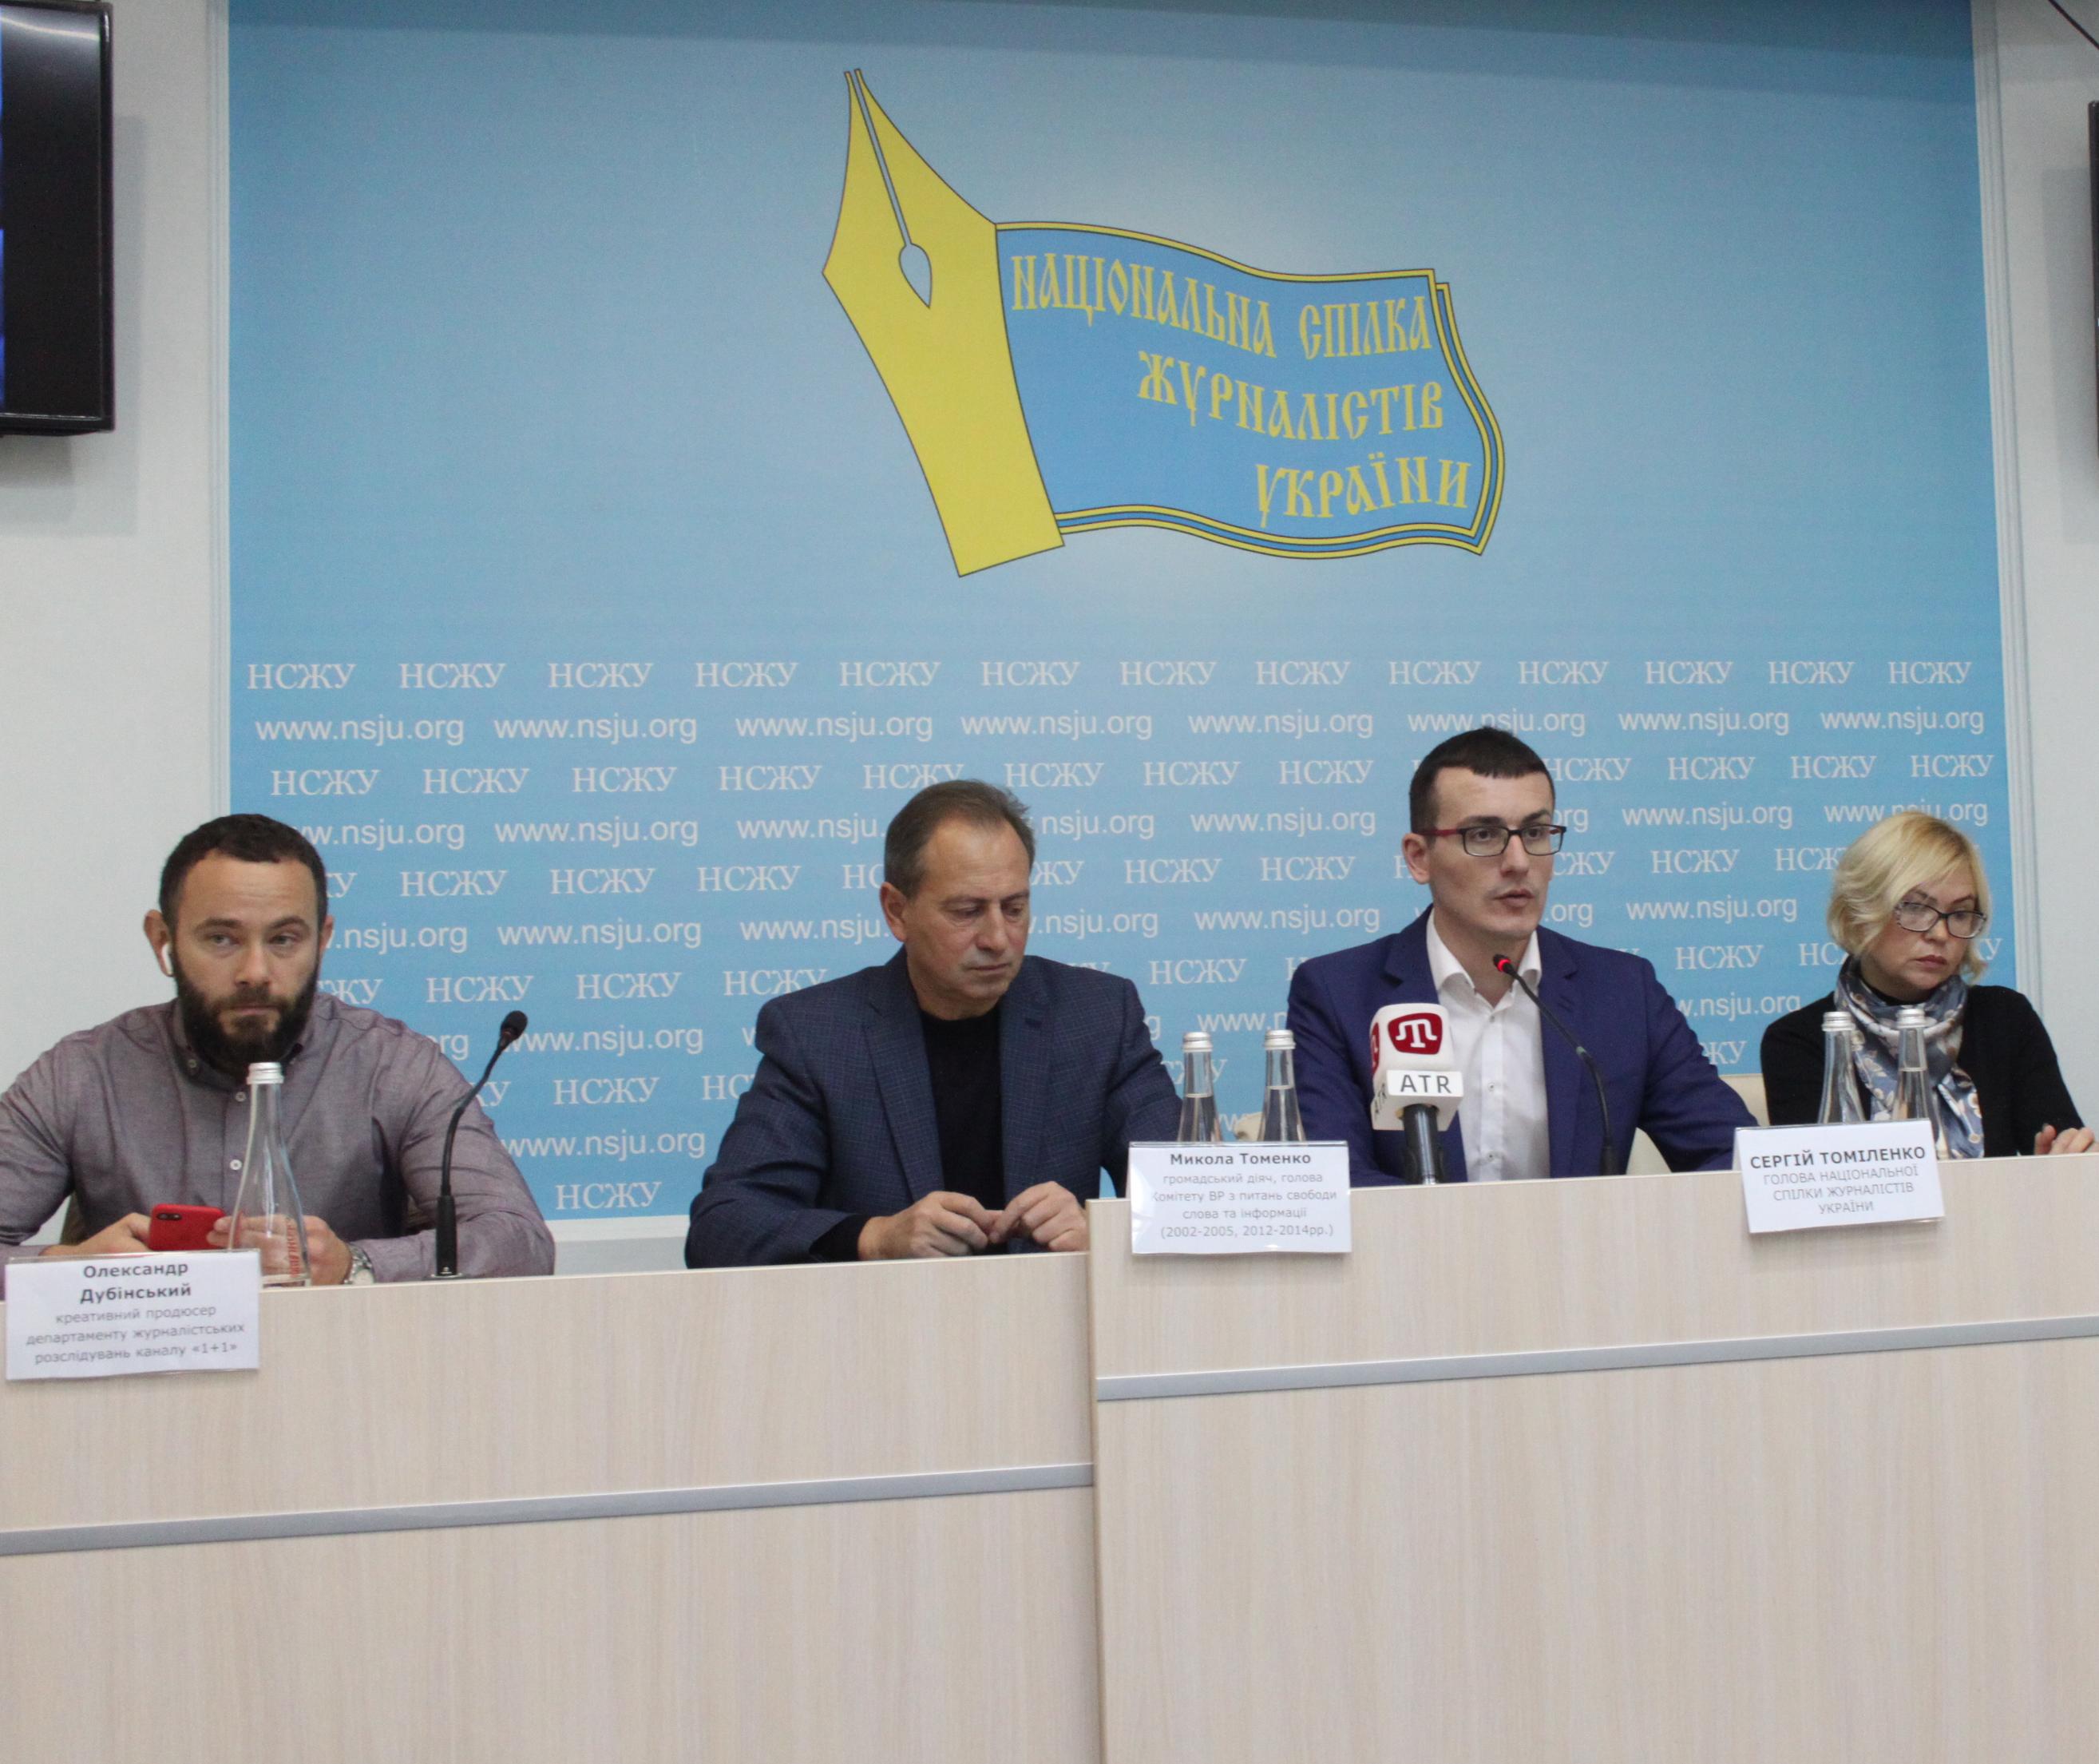 Ситуация с безопасностью журналистов критическая: как прошли слушания в НСЖУ